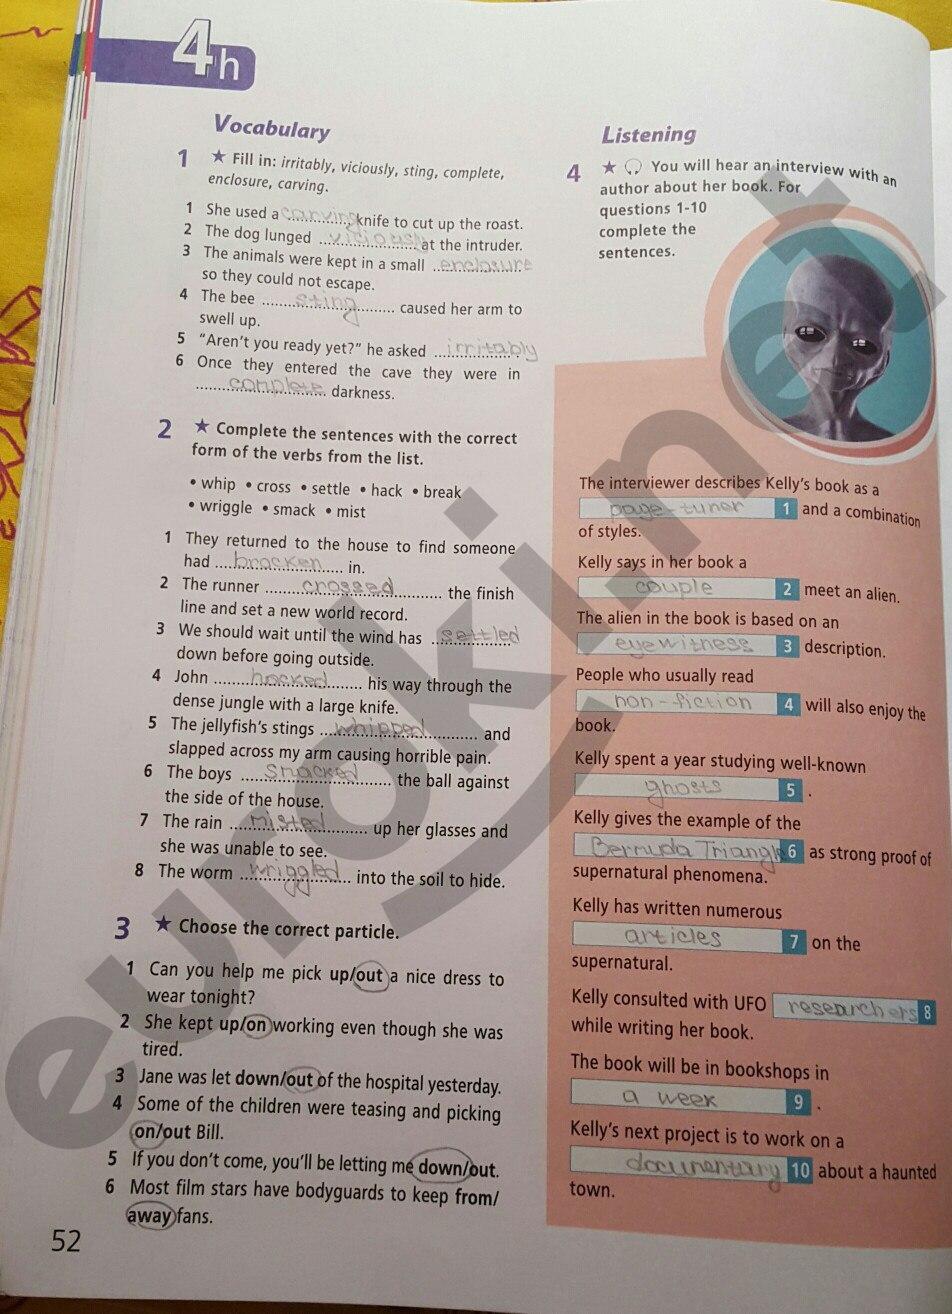 ГДЗ по английскому языку 8 класс рабочая тетрадь Баранова. Задание: стр. 52